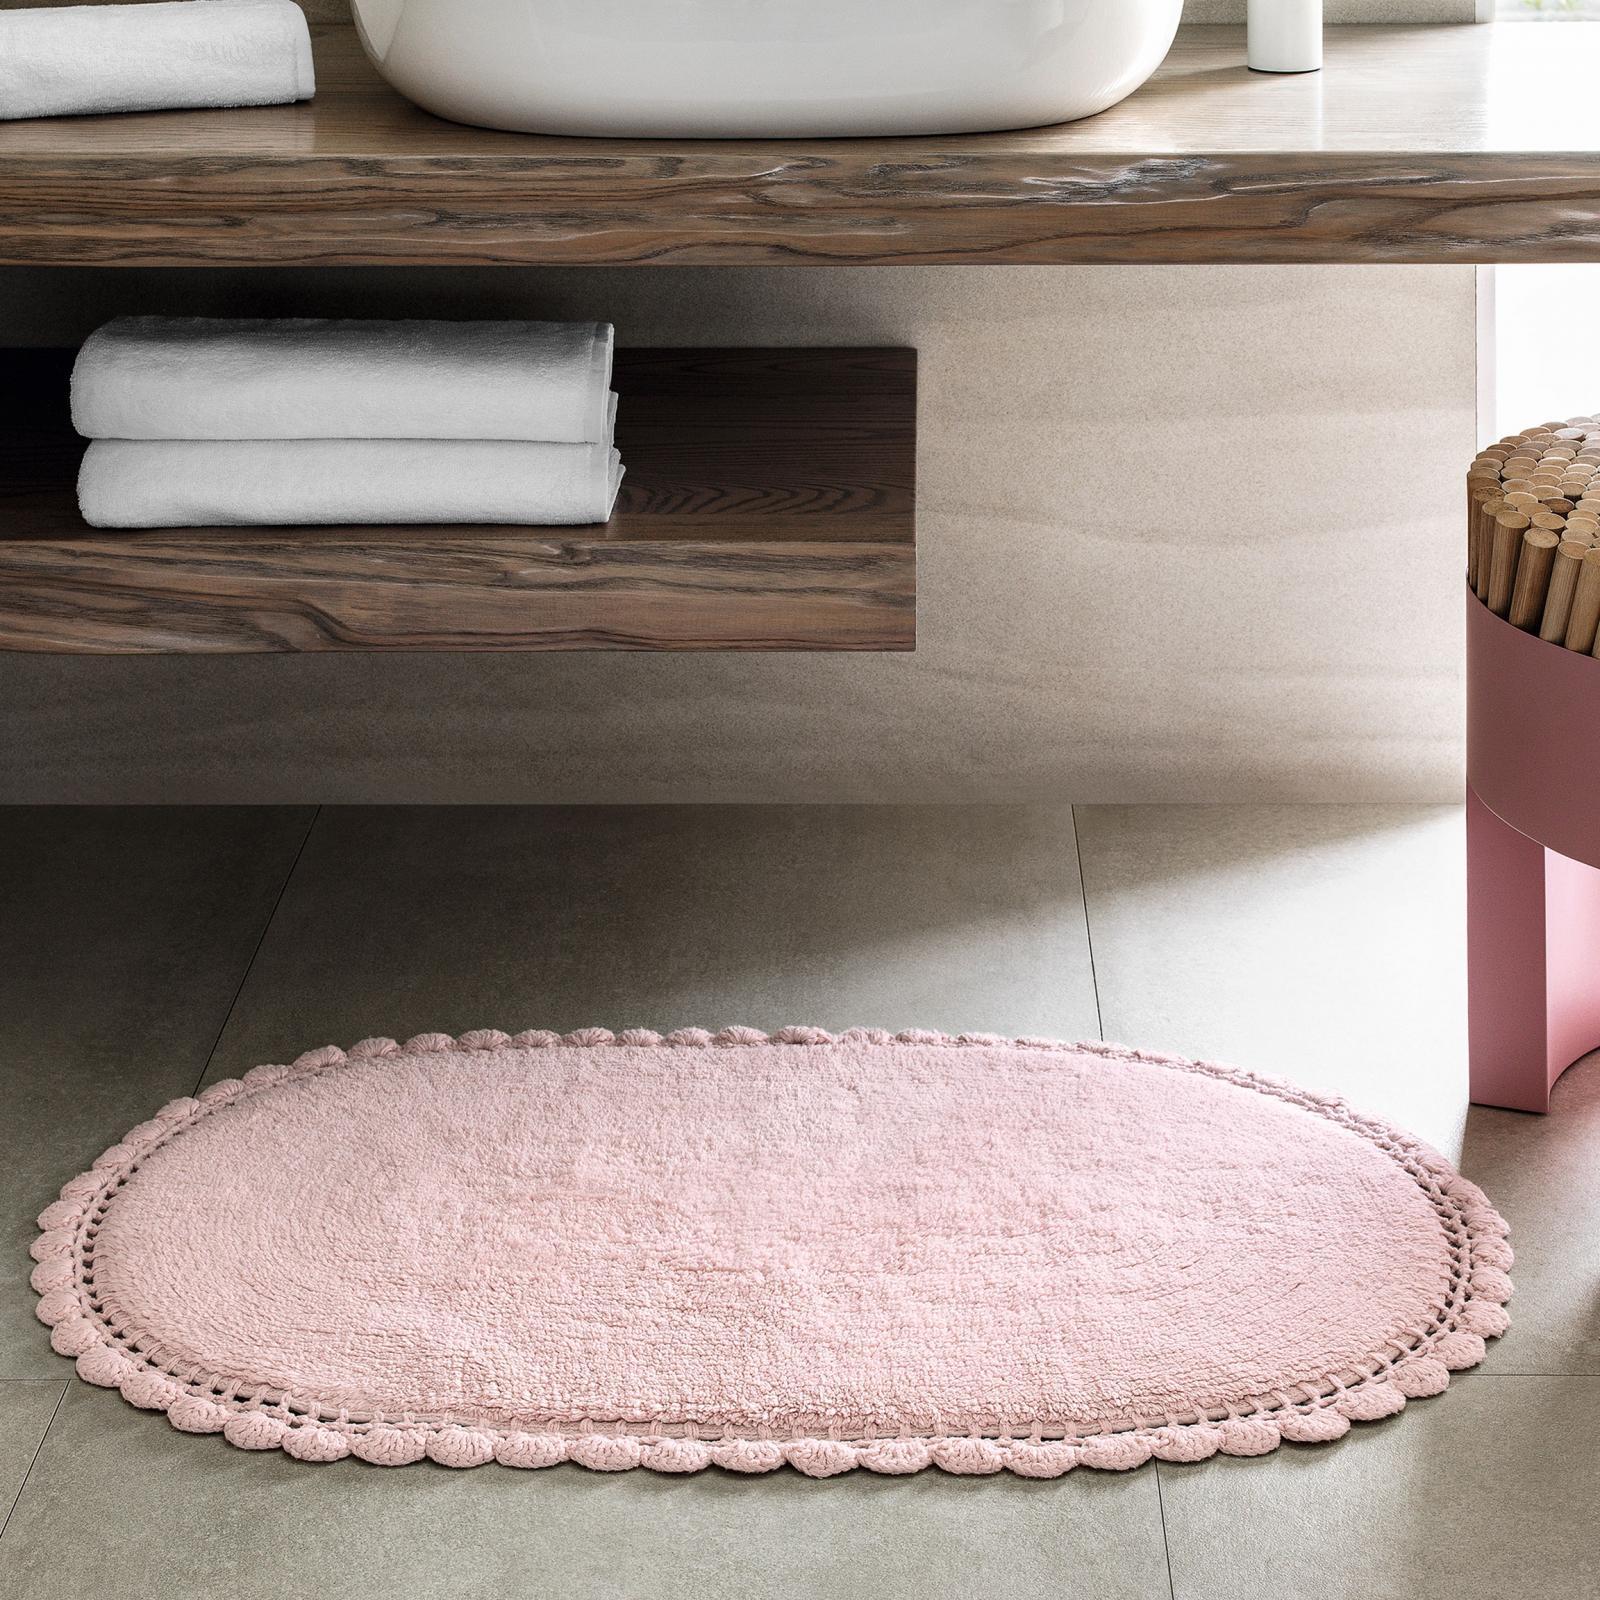 Фото - Коврик для ванной Togas Дорис розовое 60x90 коврик для ванной togas дорис розовое 60x90